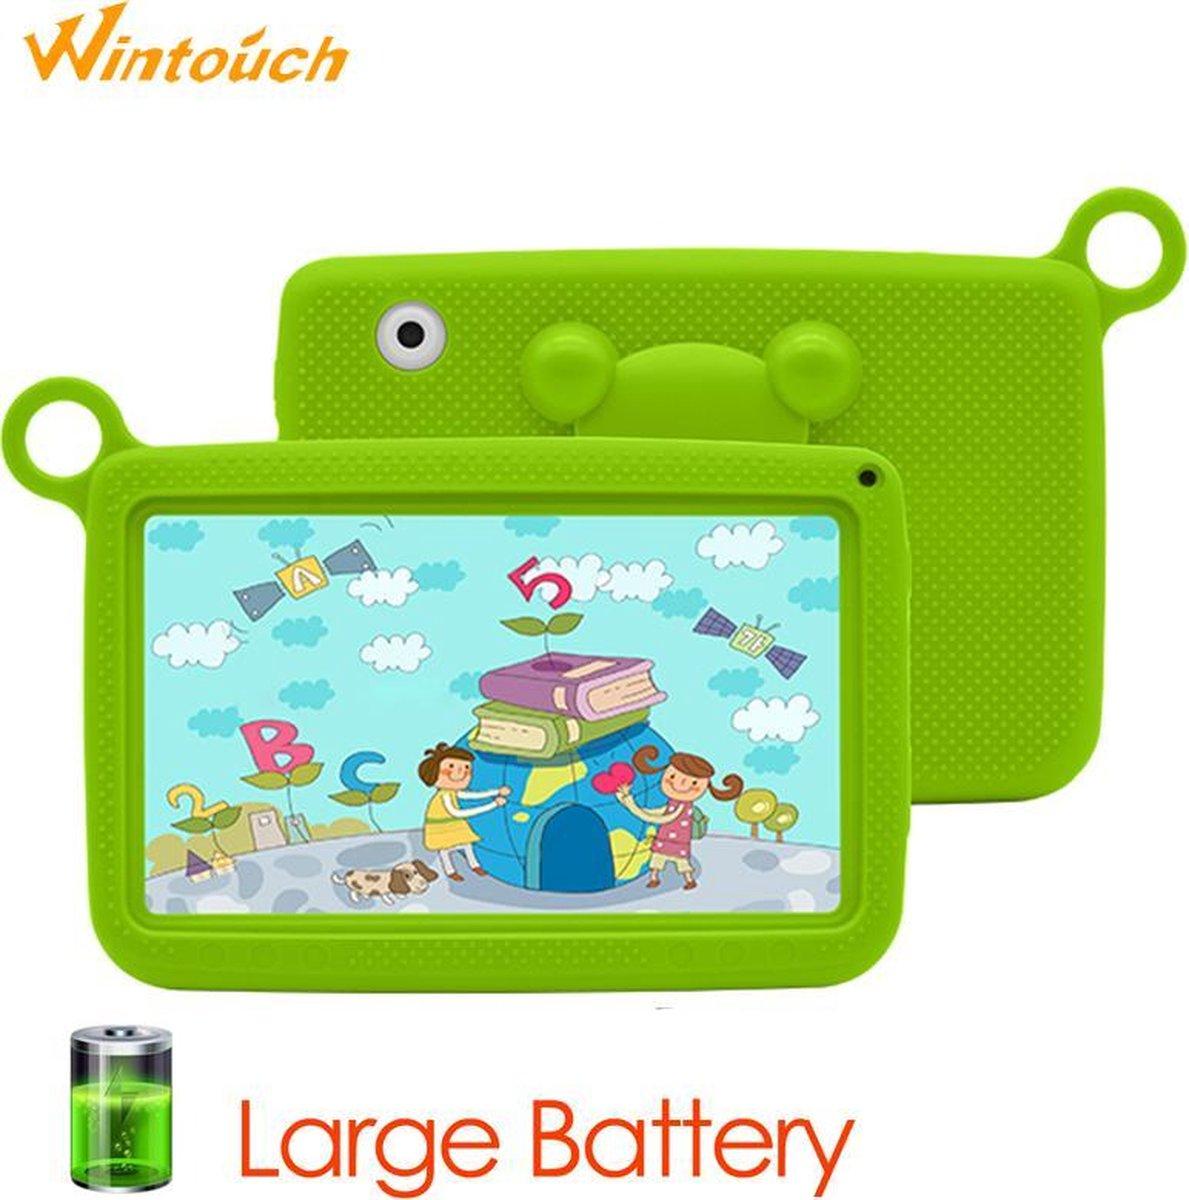 Kindertablet - pro 3.0 - Tablet 7 inch - 16 GB - 9.0 android - vanaf 2 jaar - Scherp ips beeld - leerzame tablet voor kinderen - Wifi - Bluetooth 4.0- voor-achter camera - Play store - extra screen protector - uitstekende batterij - 1 jaar garantie